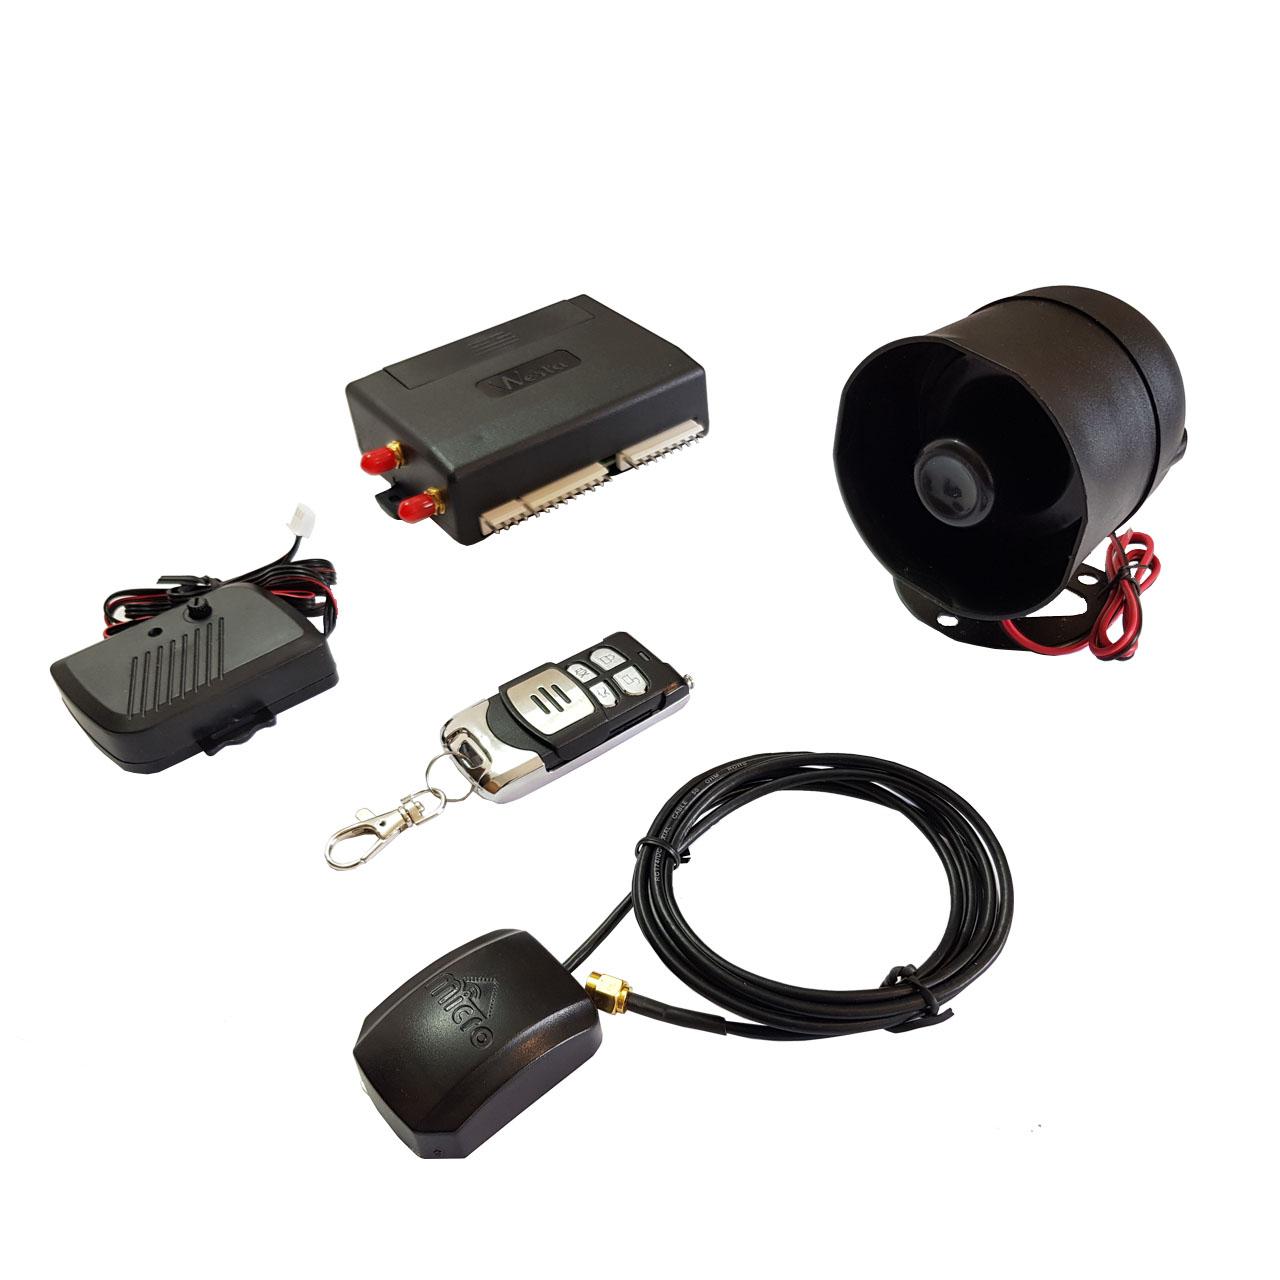 دزدگیر و ردیاب باتری بک آپ هوشمند خودرو وستا مدل GPA-002